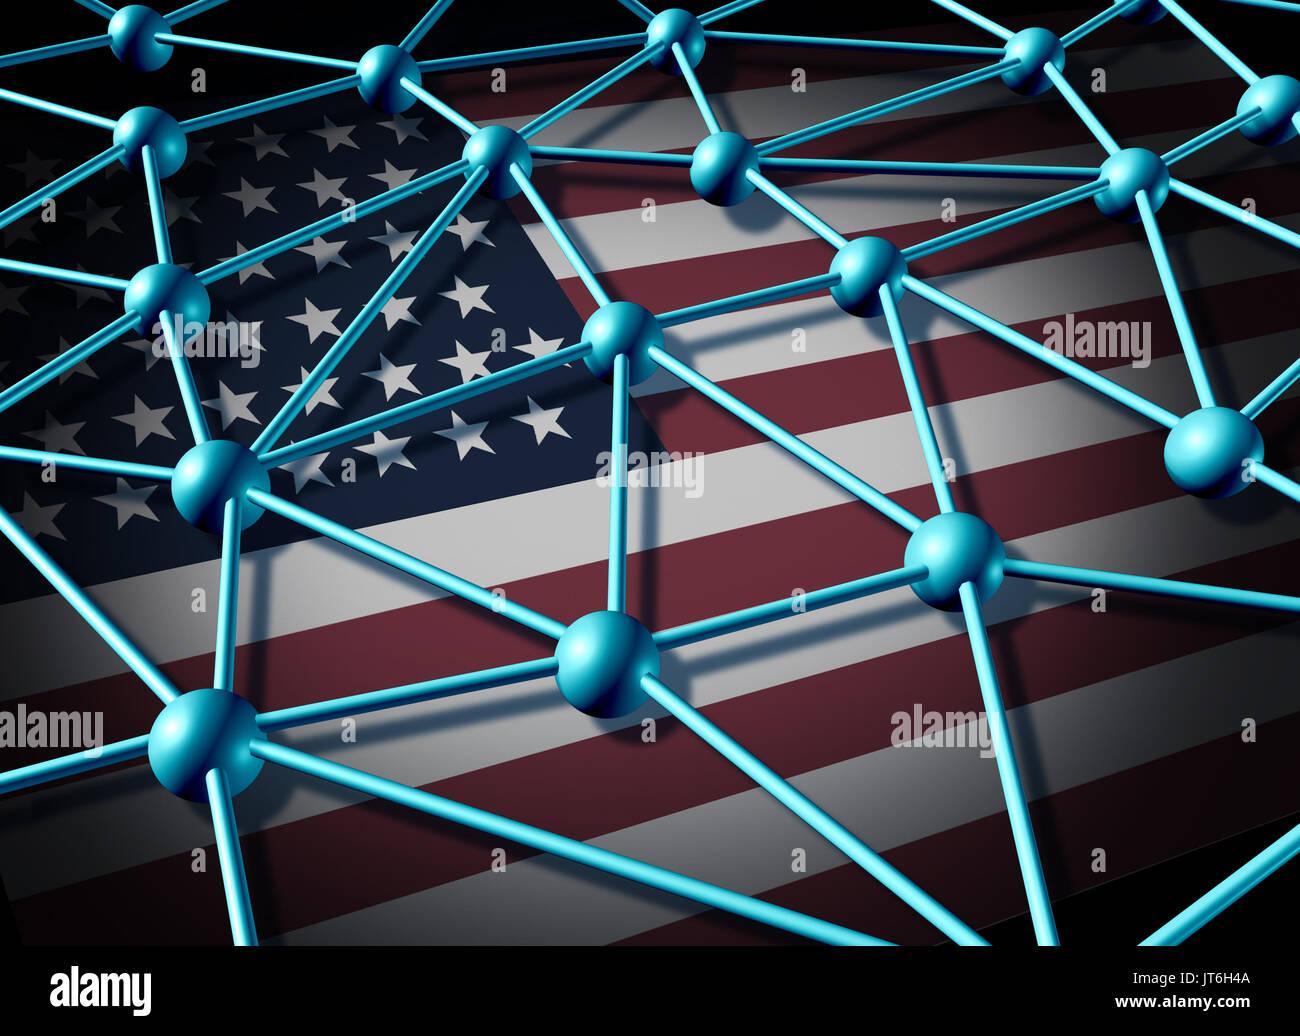 Amerikanische Daten Netzwerk und United States communicaions Technologie und Internet Security von Hacking oder Web social networking als 3D-Darstellung. Stockbild